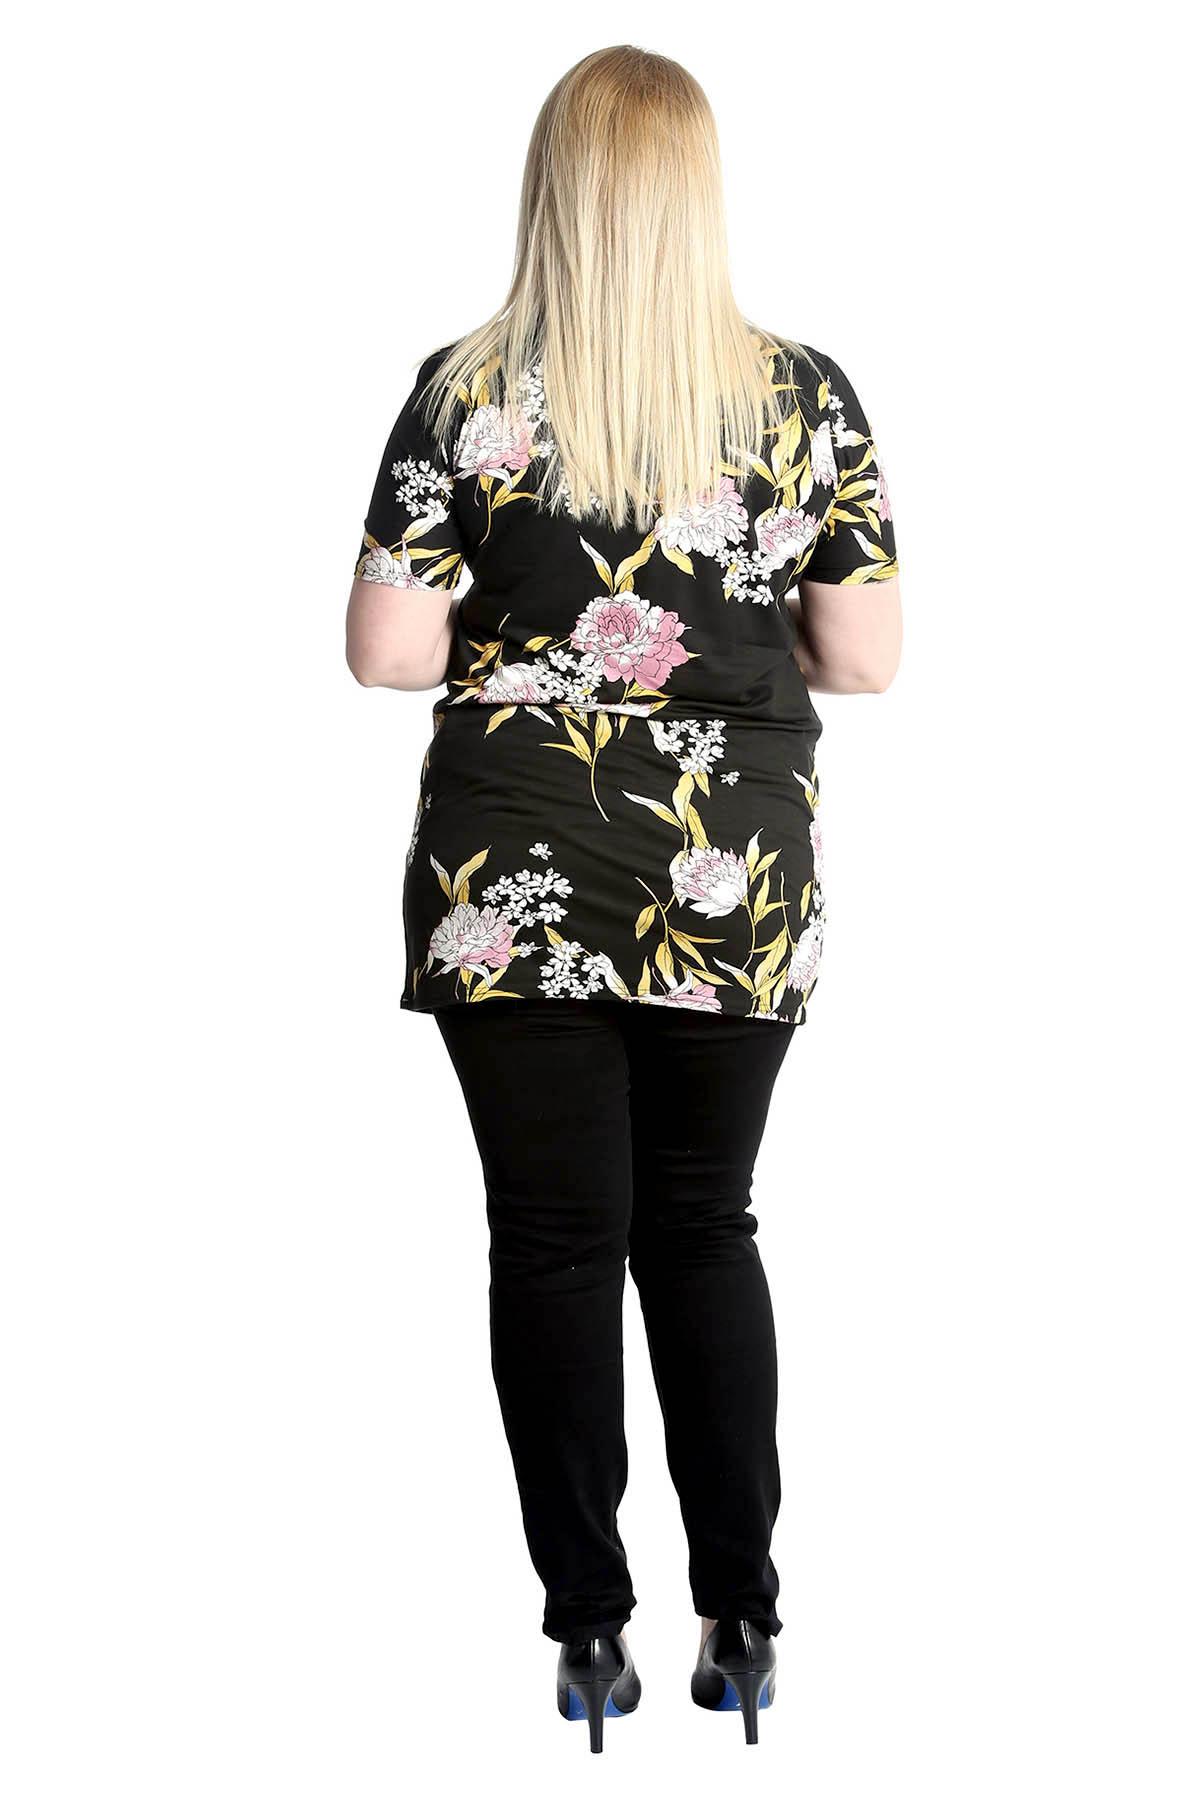 Kleidung & Accessoires New Womens Plus Size Top Ladies Floral Print Shirt Choker Neck Tunic Nouvelle